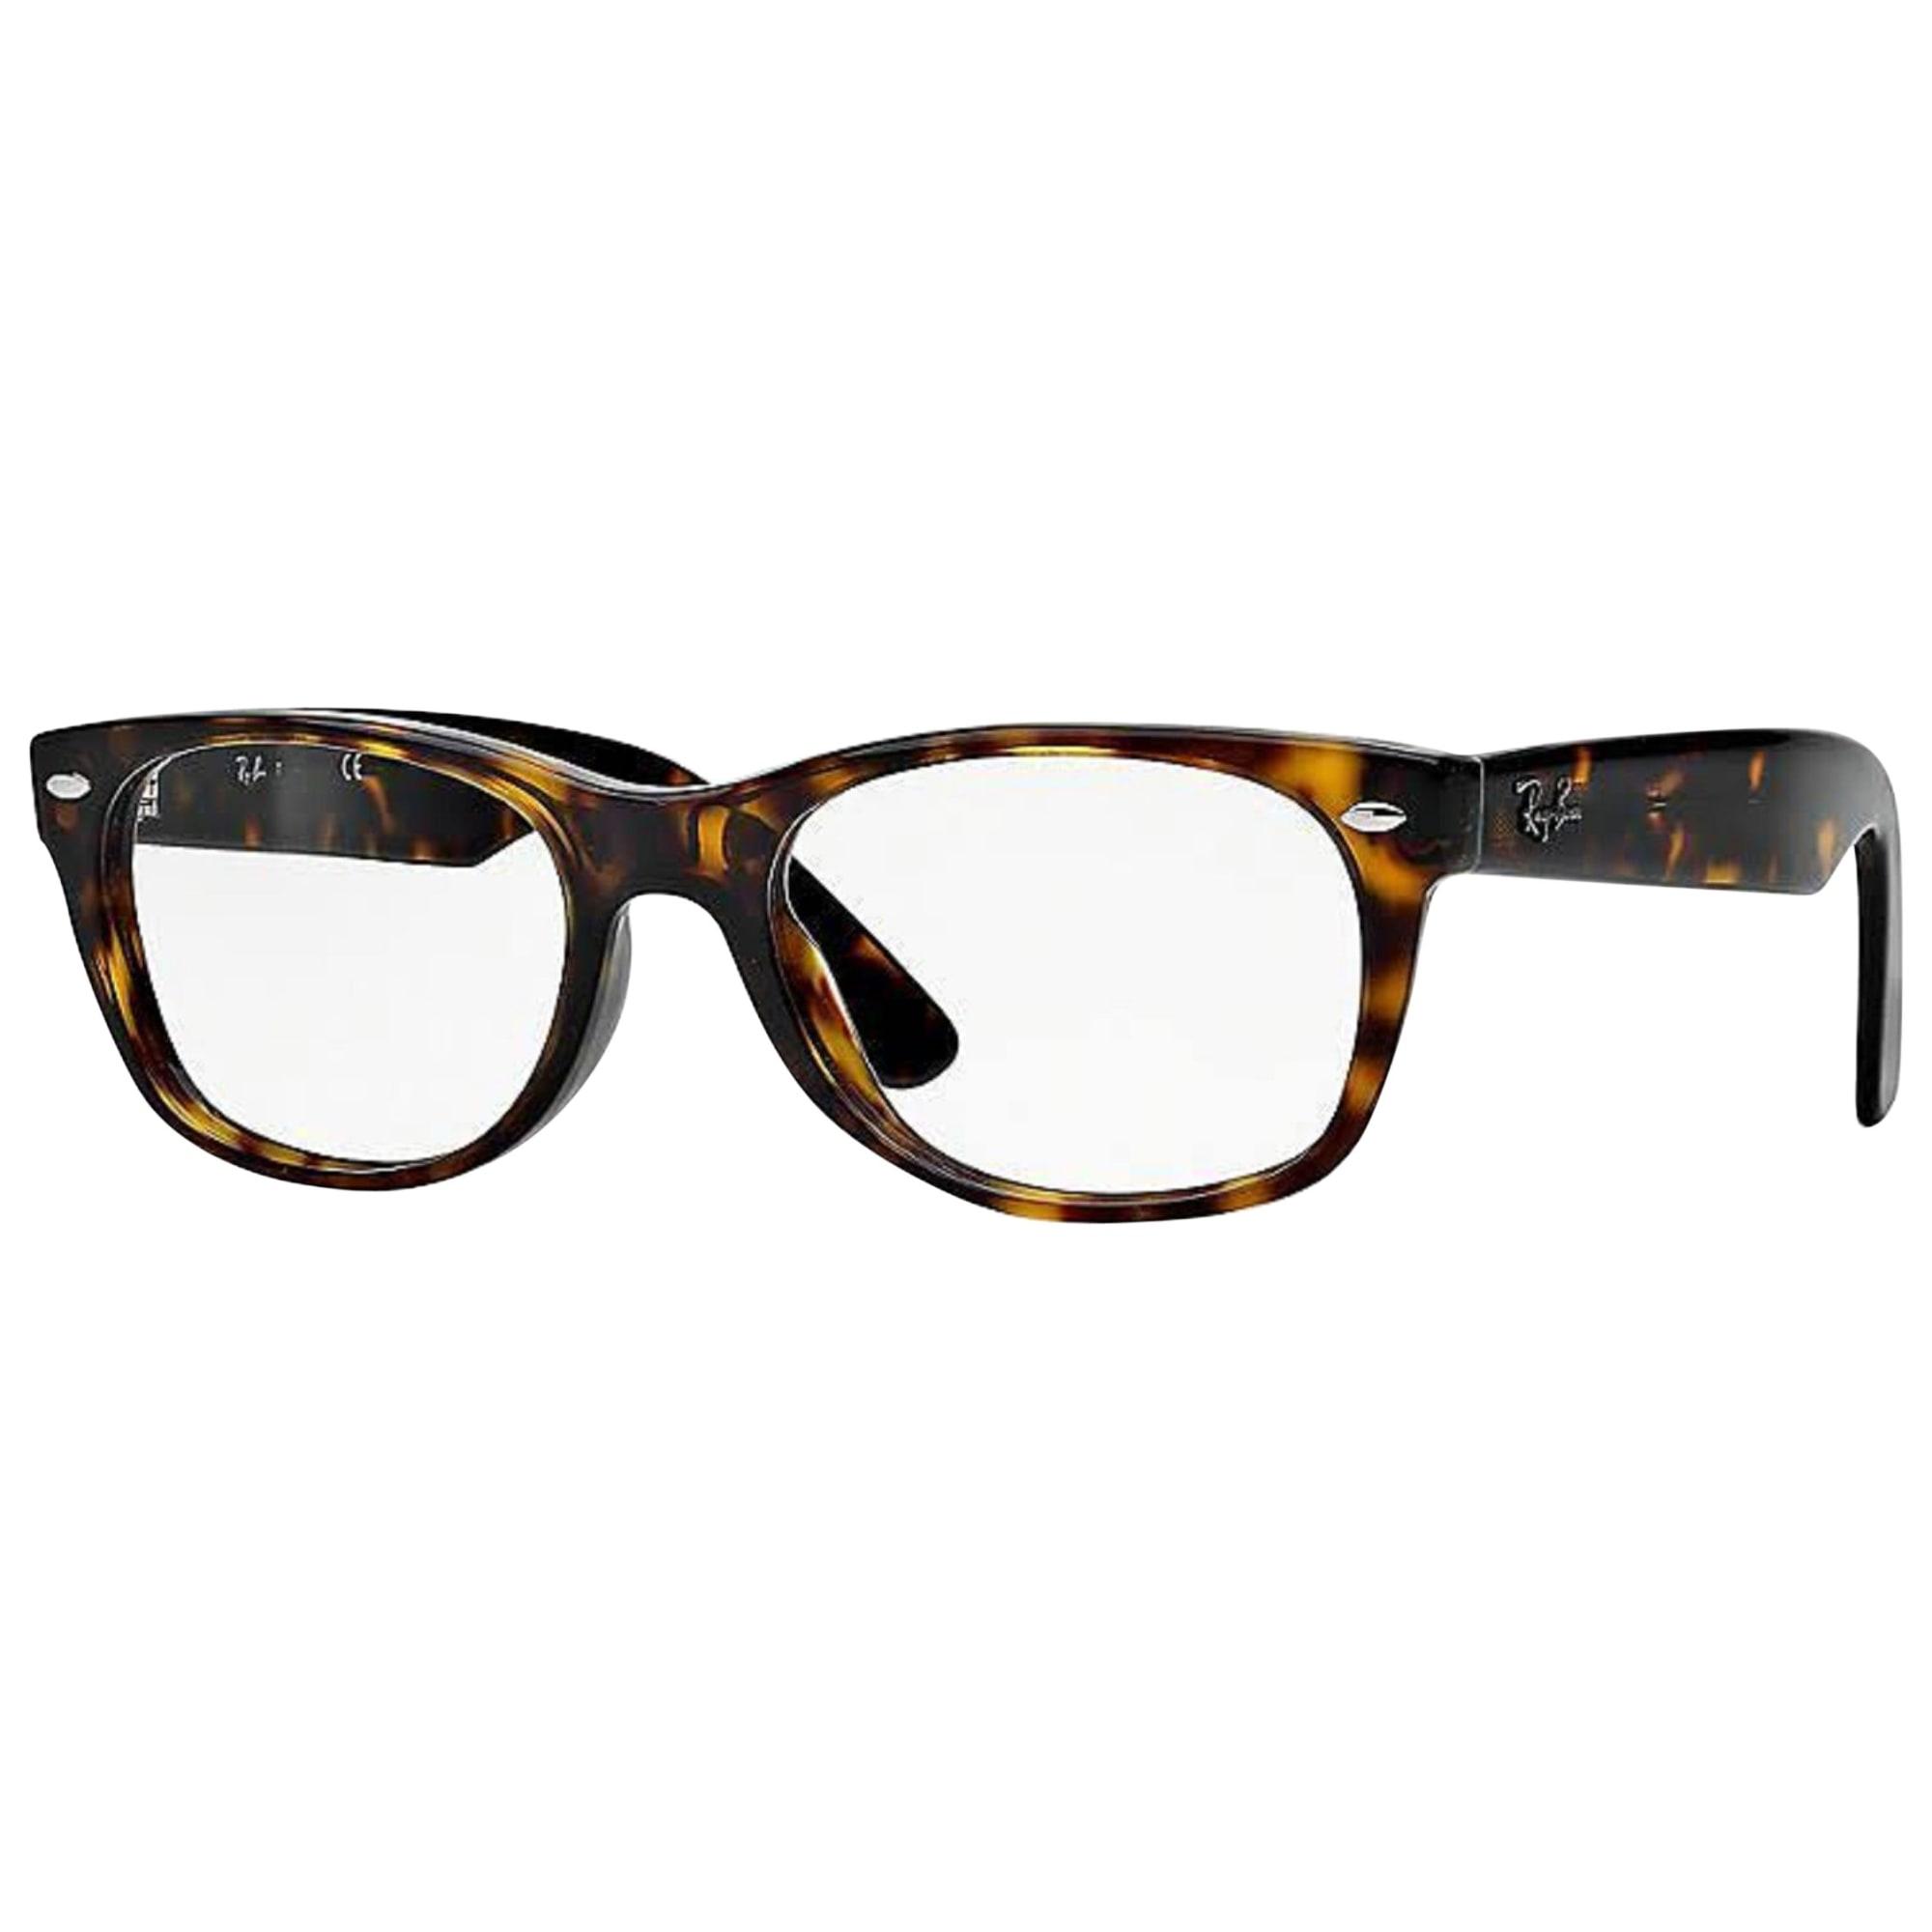 6fba98312534d6 Monture de lunettes RAY-BAN écaille - 4127278